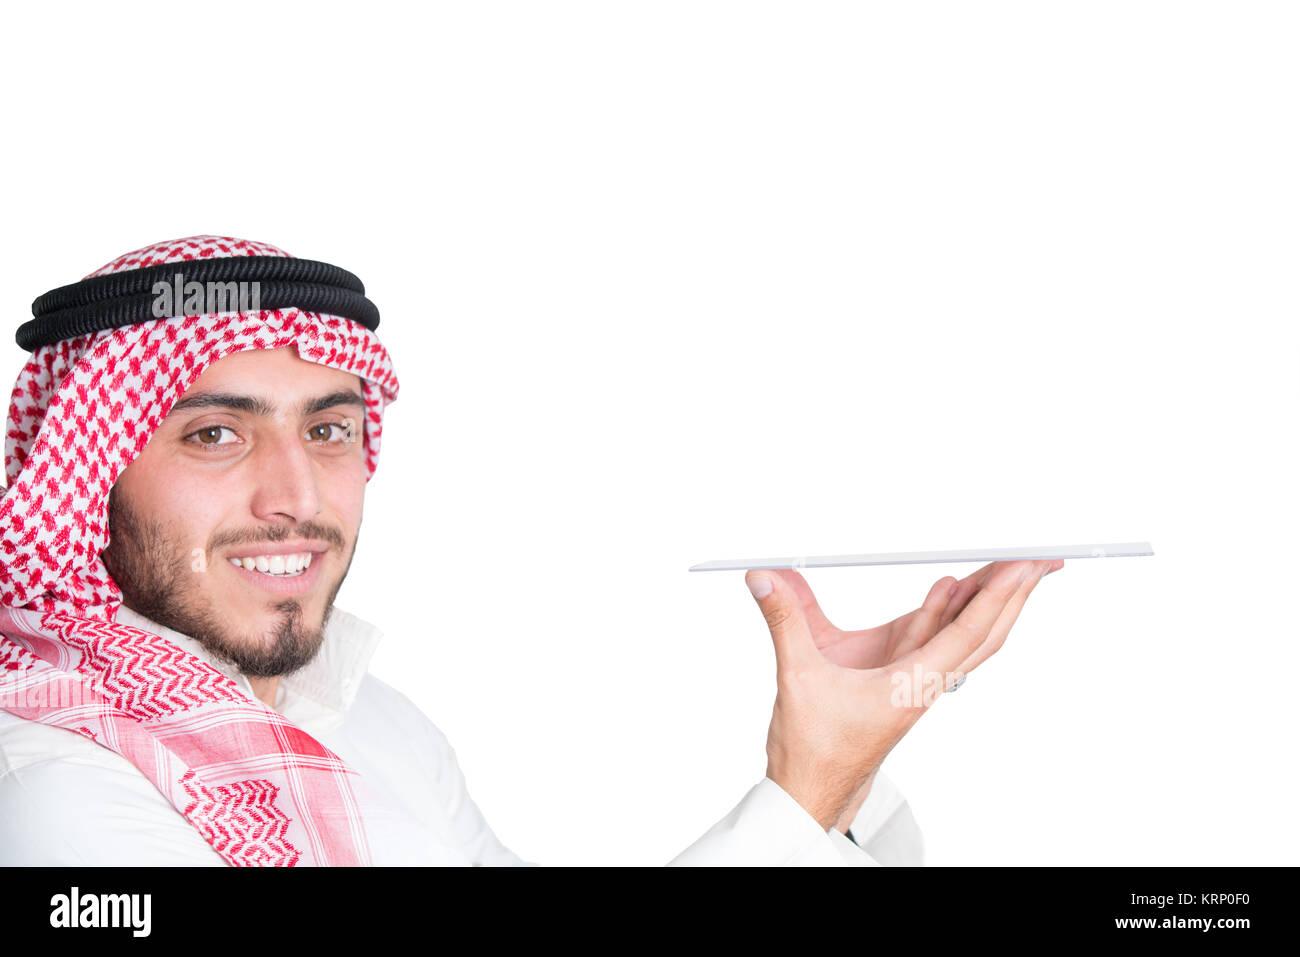 Weißer Kerl aus muslim Mädchen Taye Diggs datieren wieder